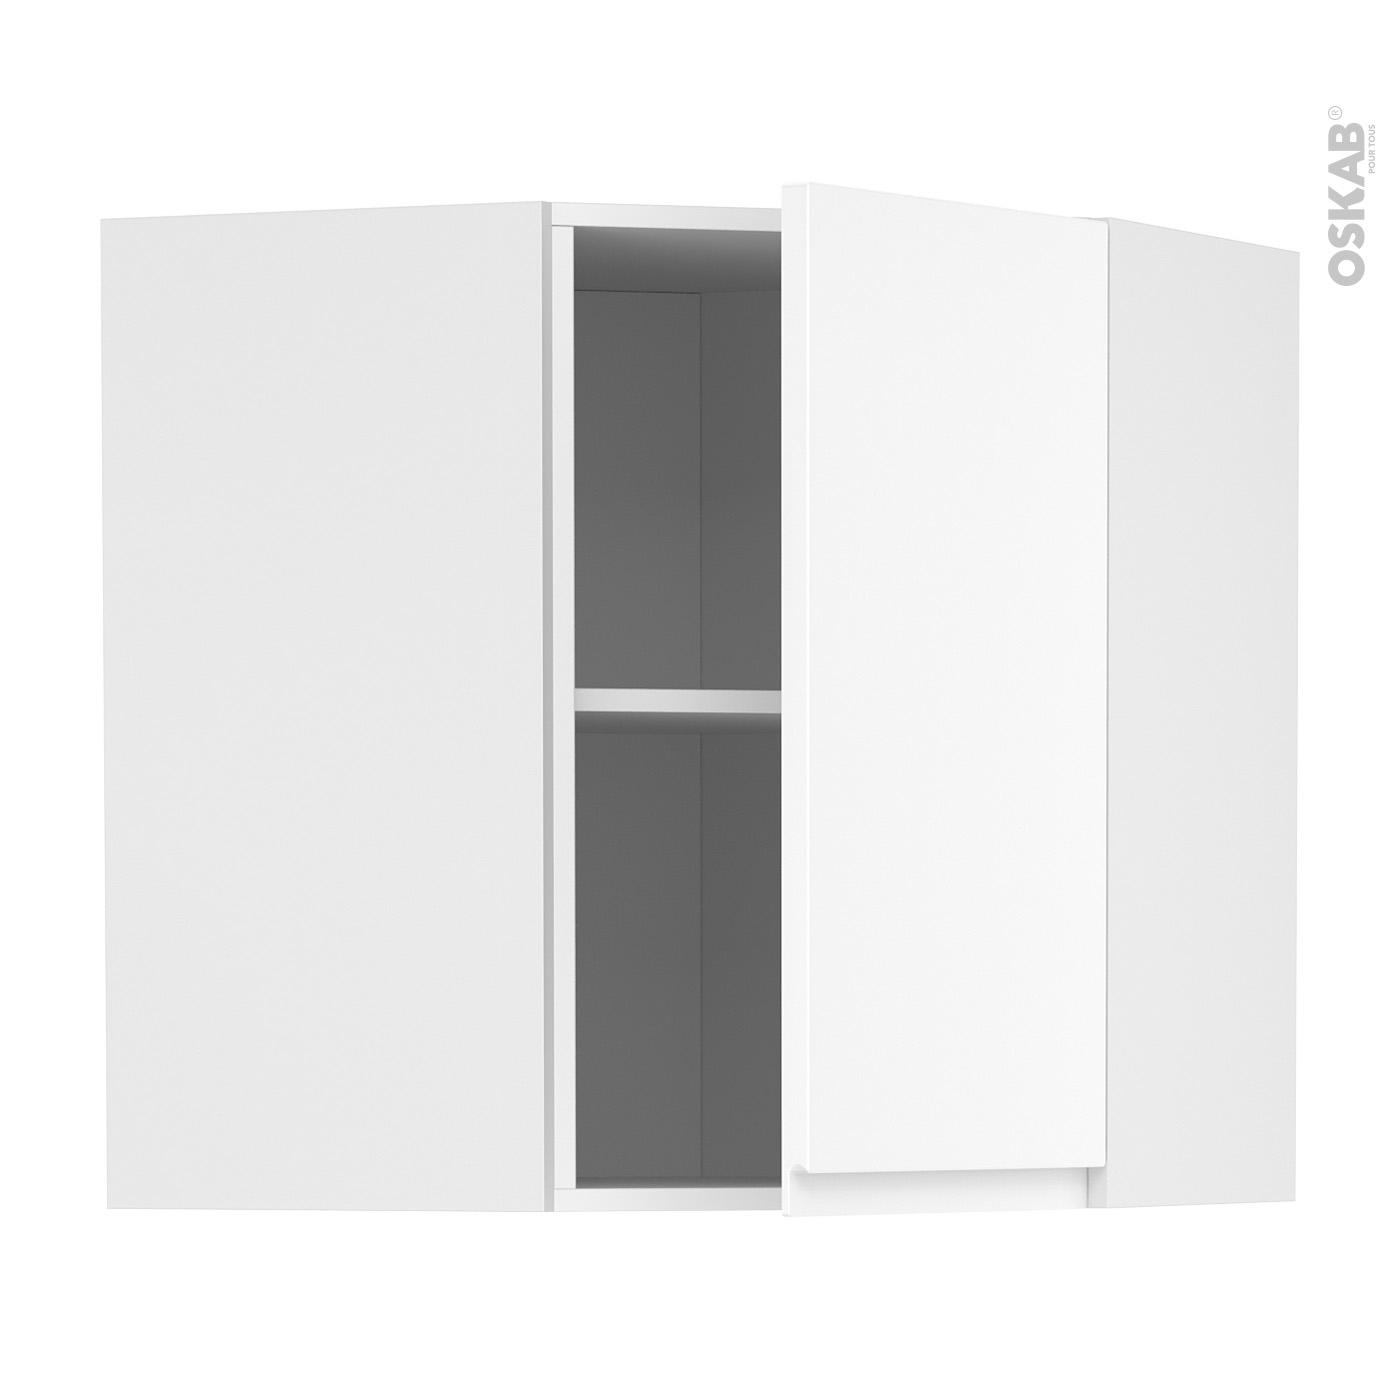 Nettoyer Meuble Cuisine Mat meuble de cuisine angle haut ipoma blanc mat, 1 porte n°85 l40 cm, l65 x  h70 x p37 cm